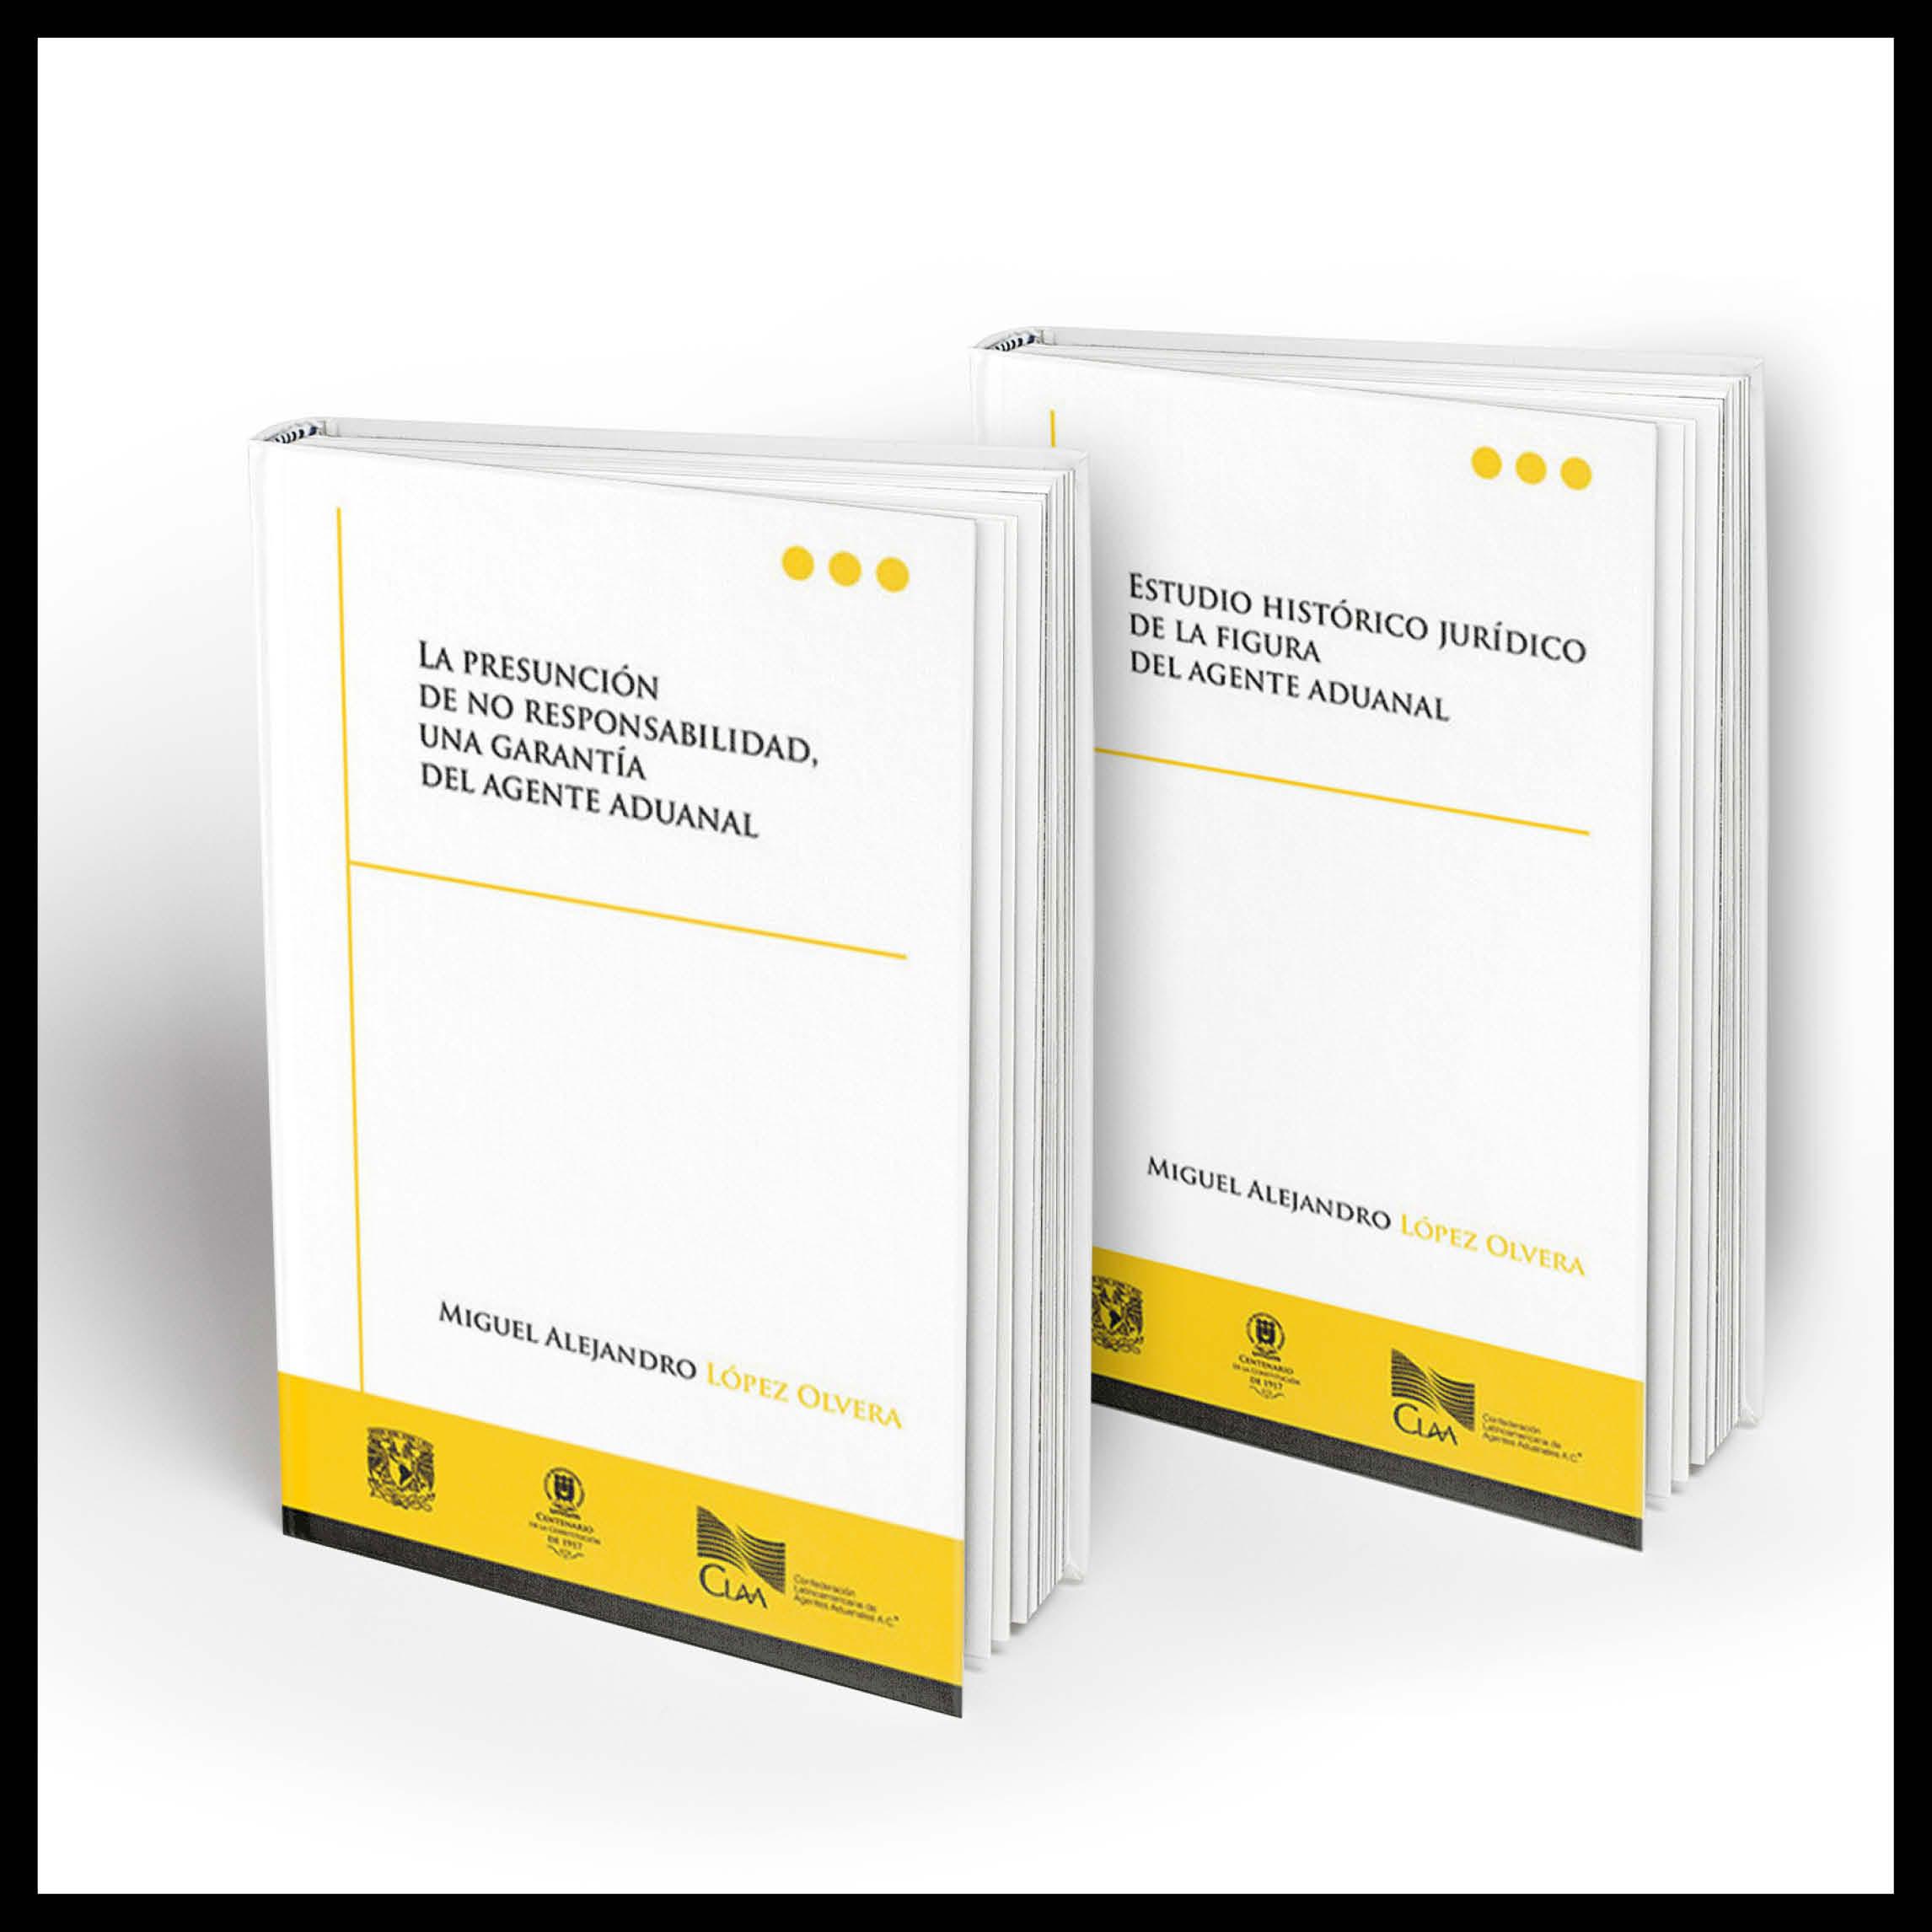 Libros  Confederación Latinoamericana de Agentes Aduanales - UNAM